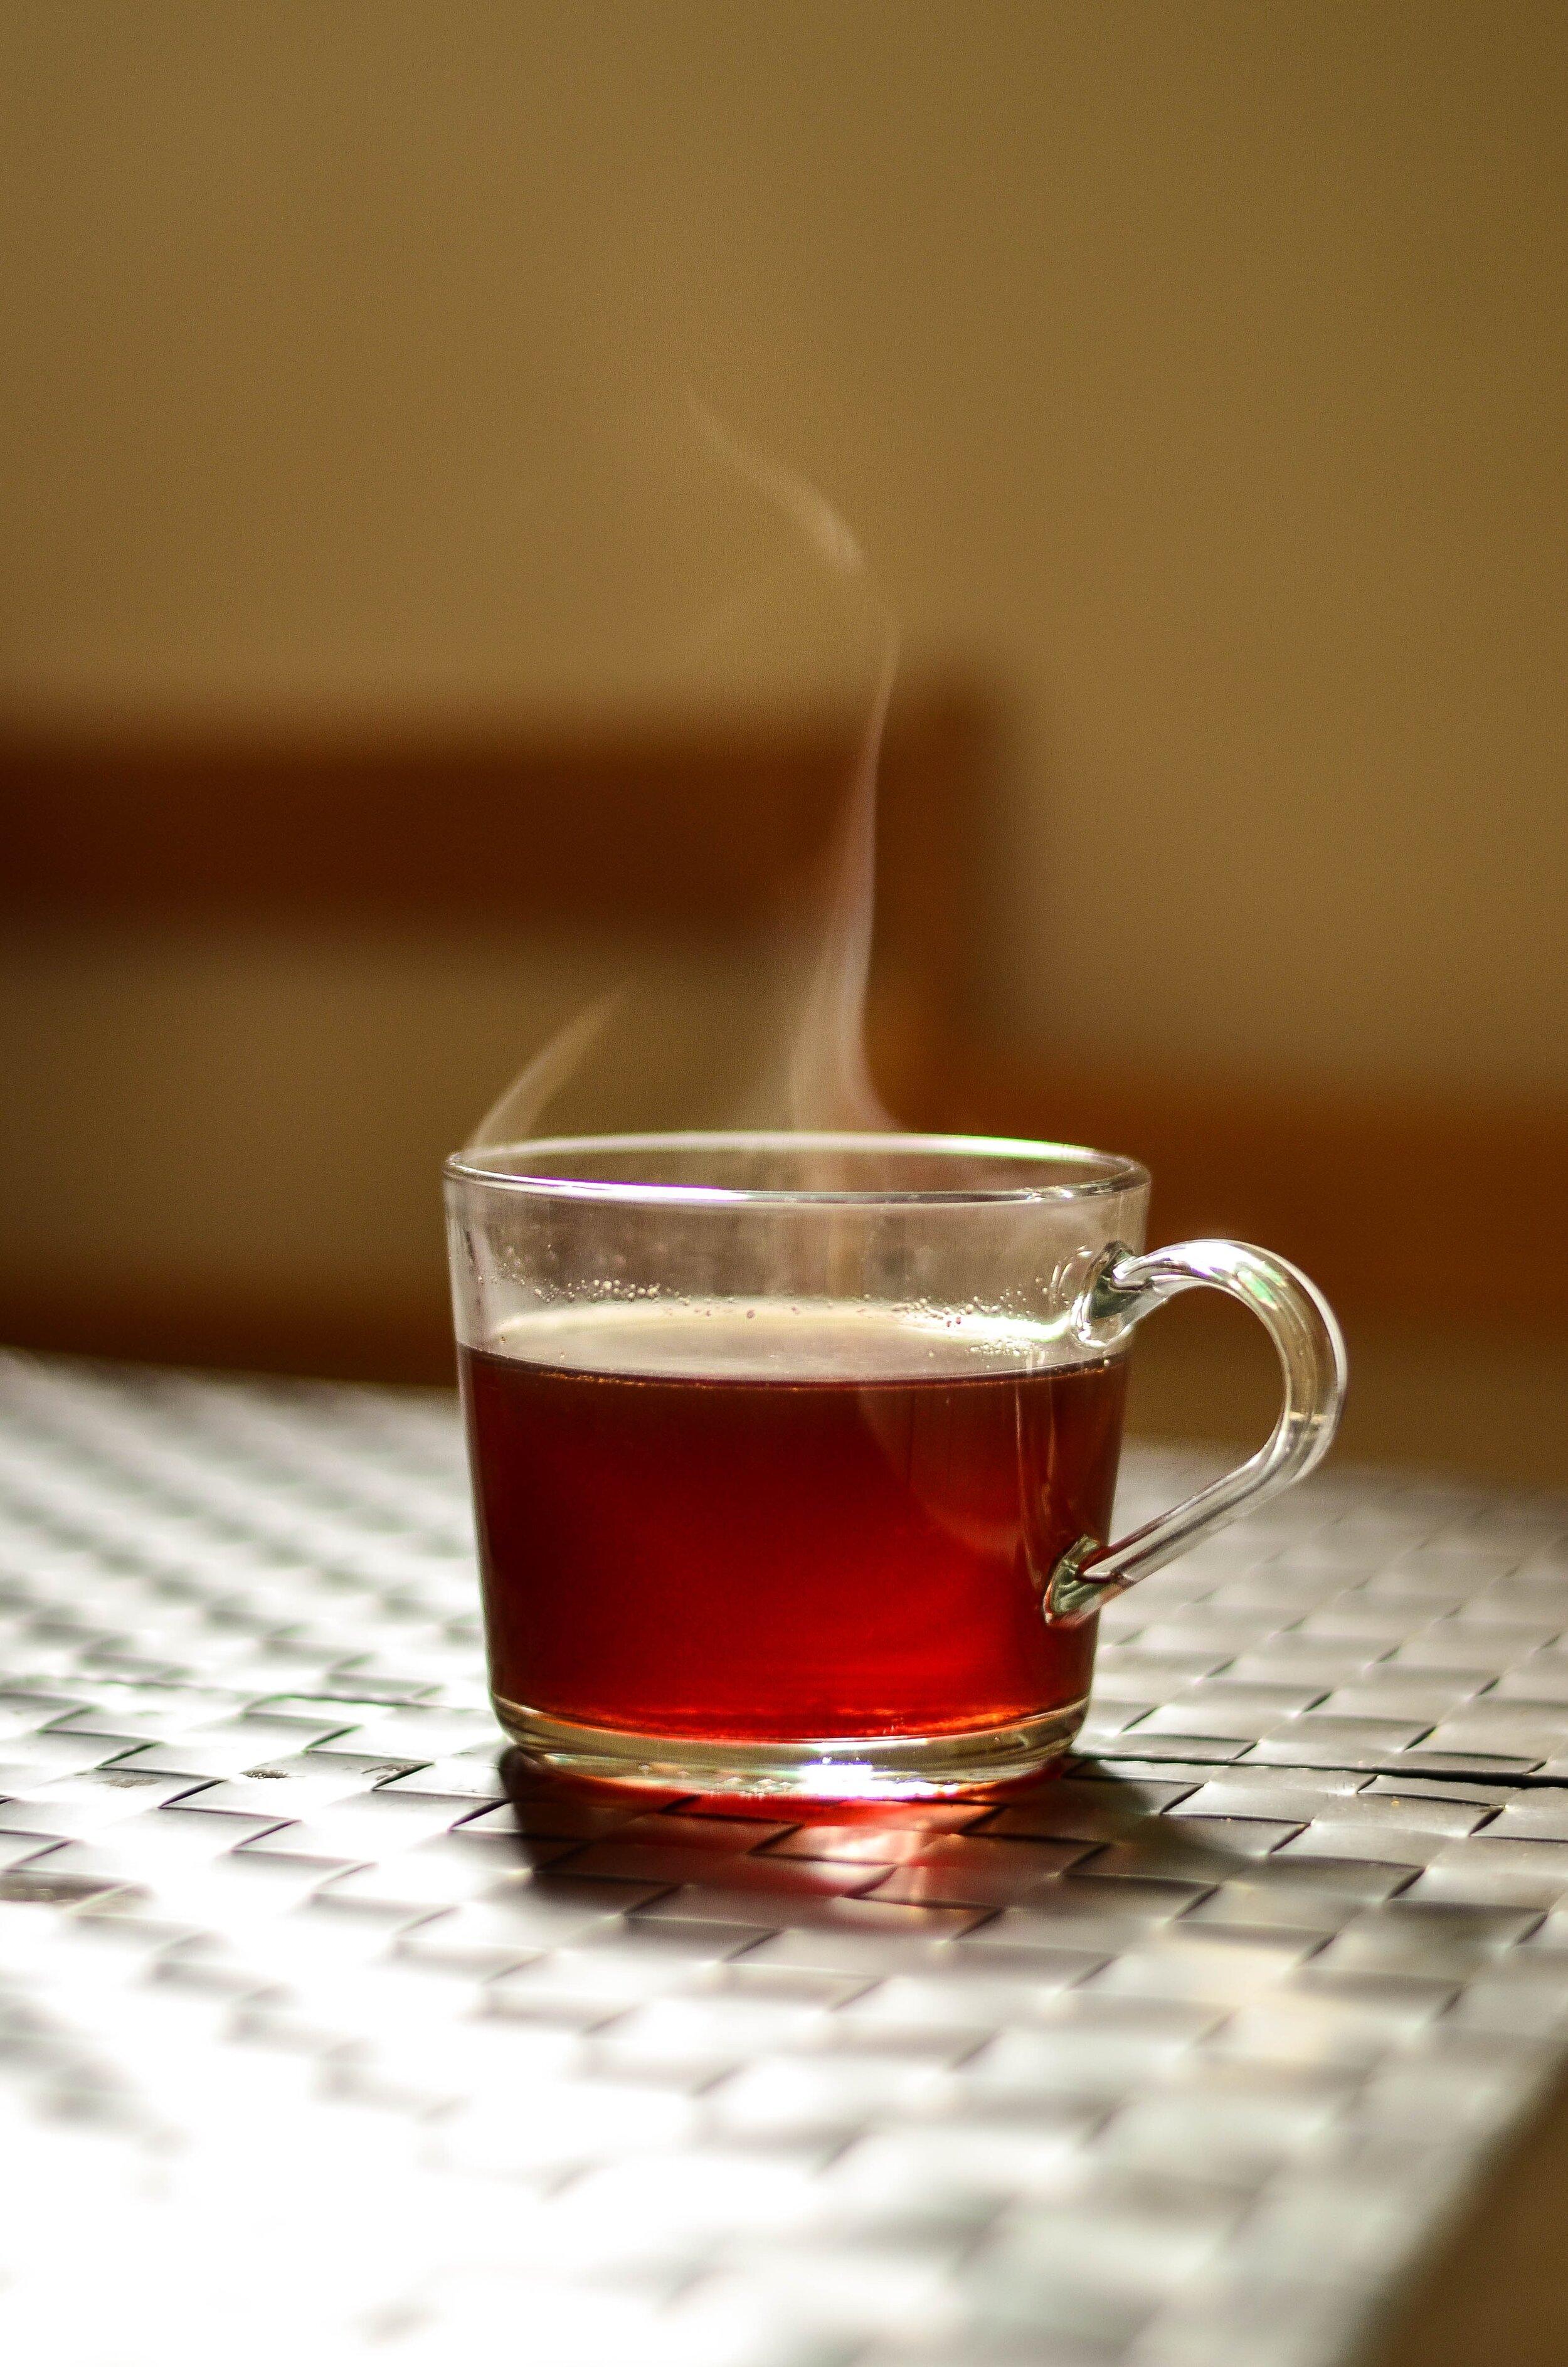 beverage-caffeine-cup-905485.jpg